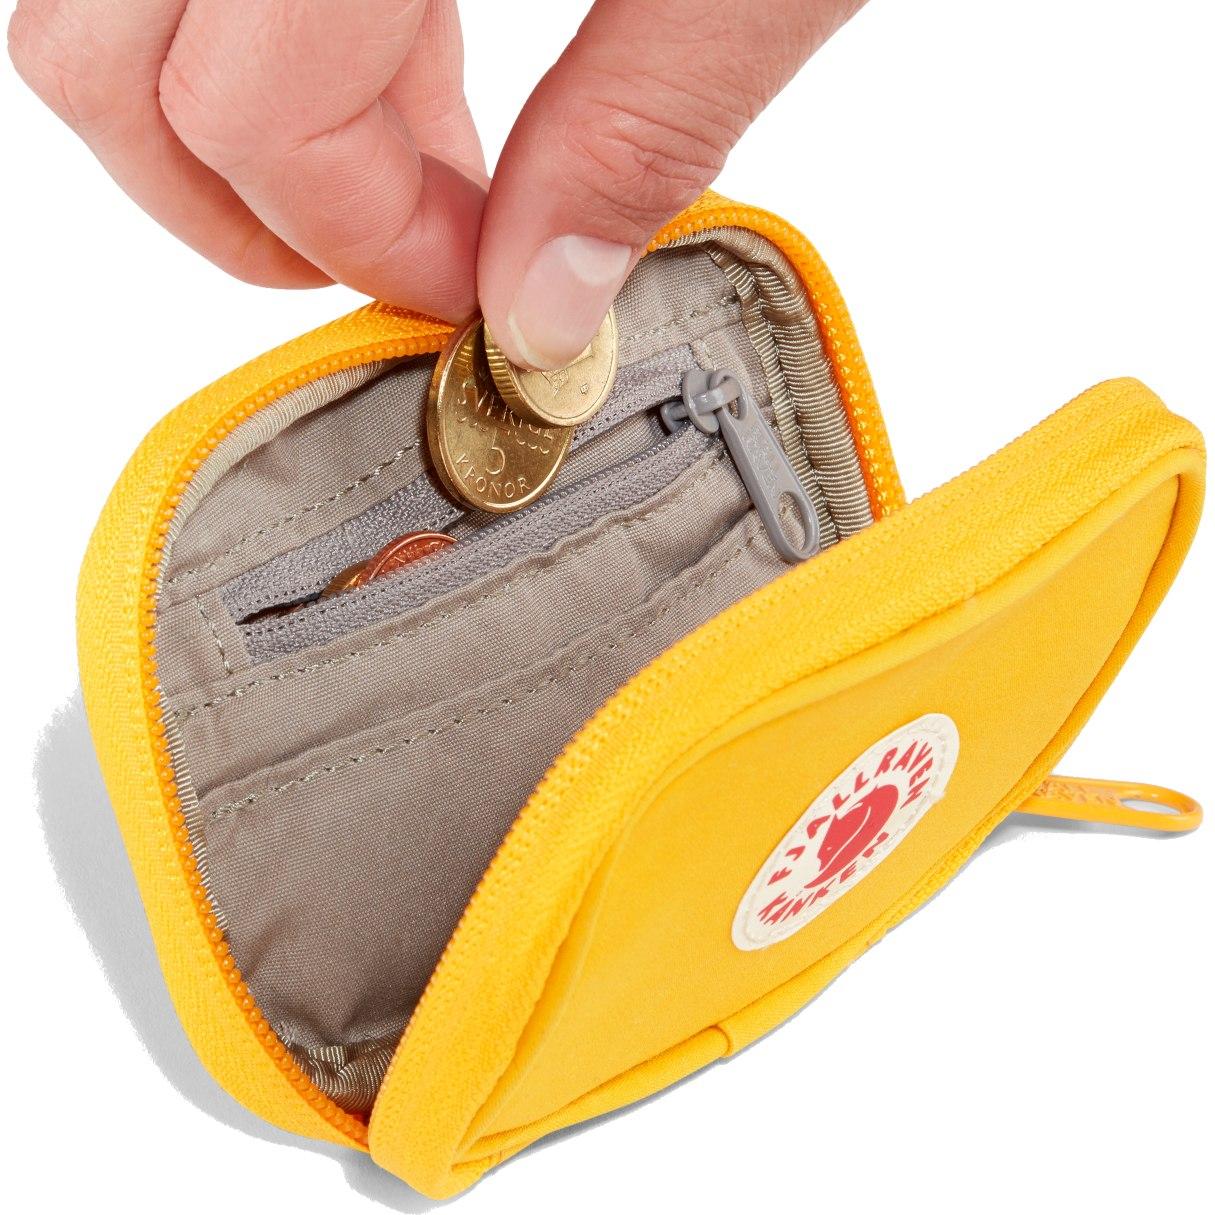 Image of Fjällräven Kanken Card Wallet - warm yellow